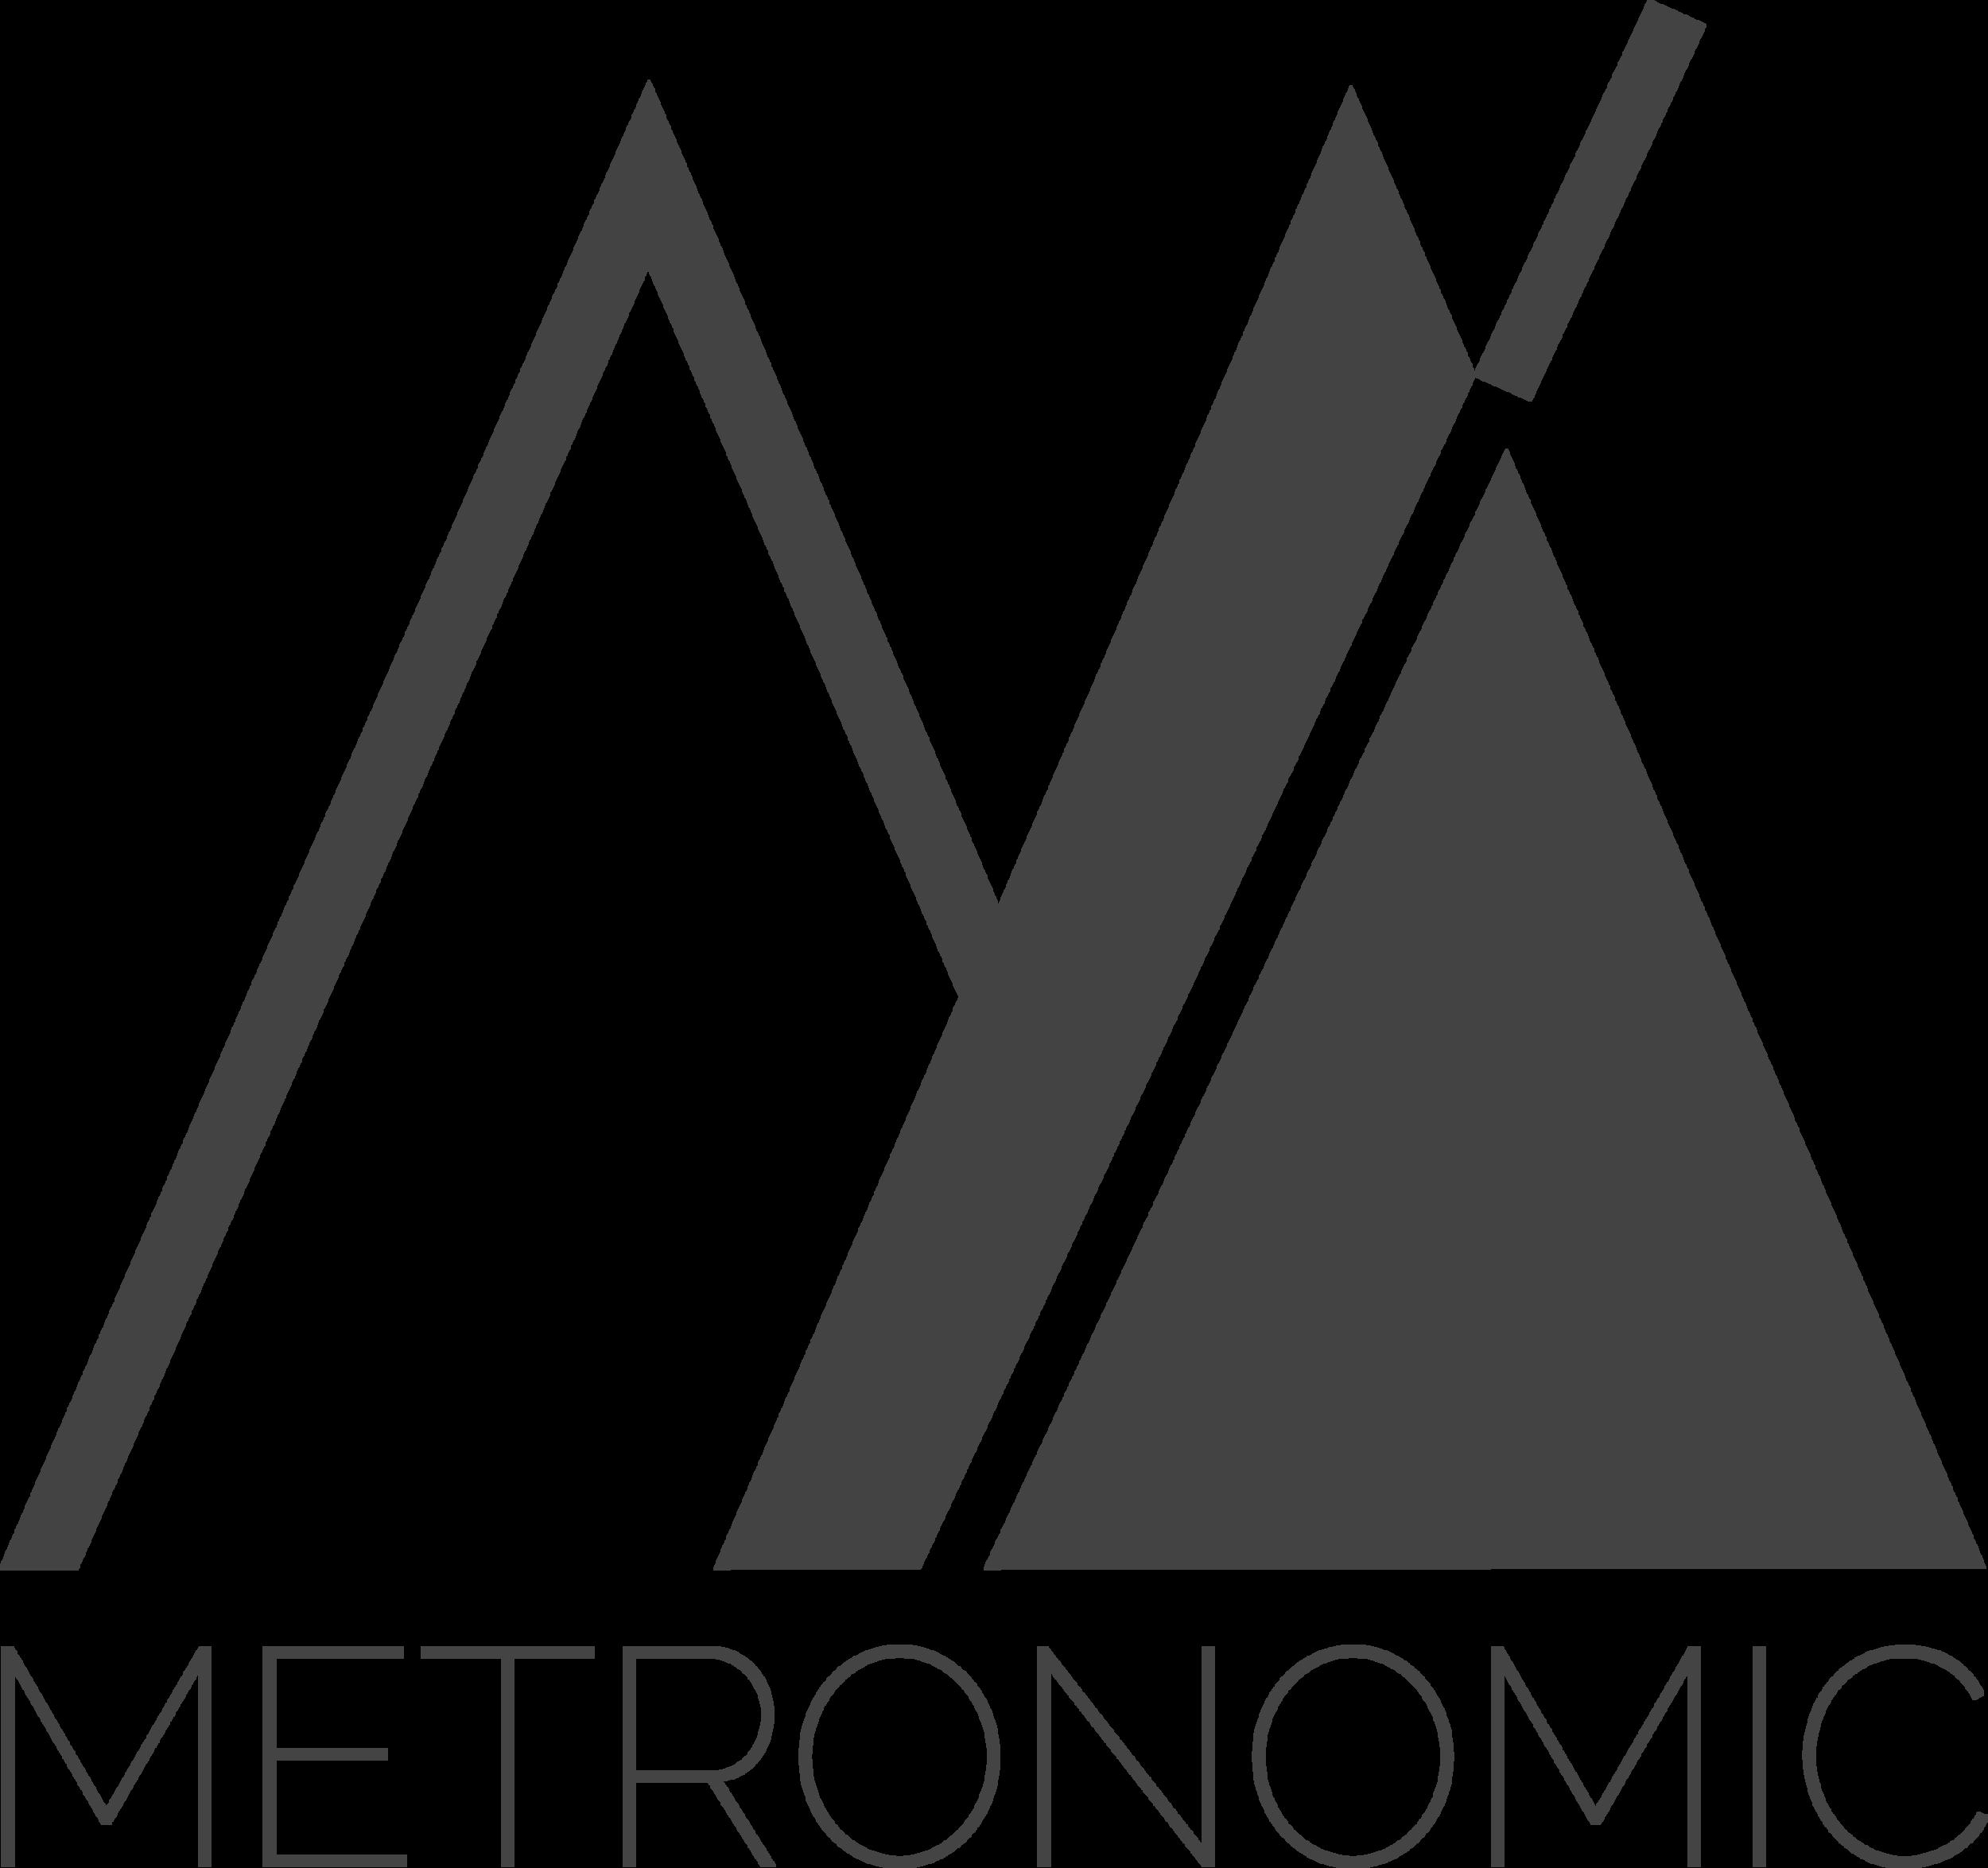 Metronomic.png